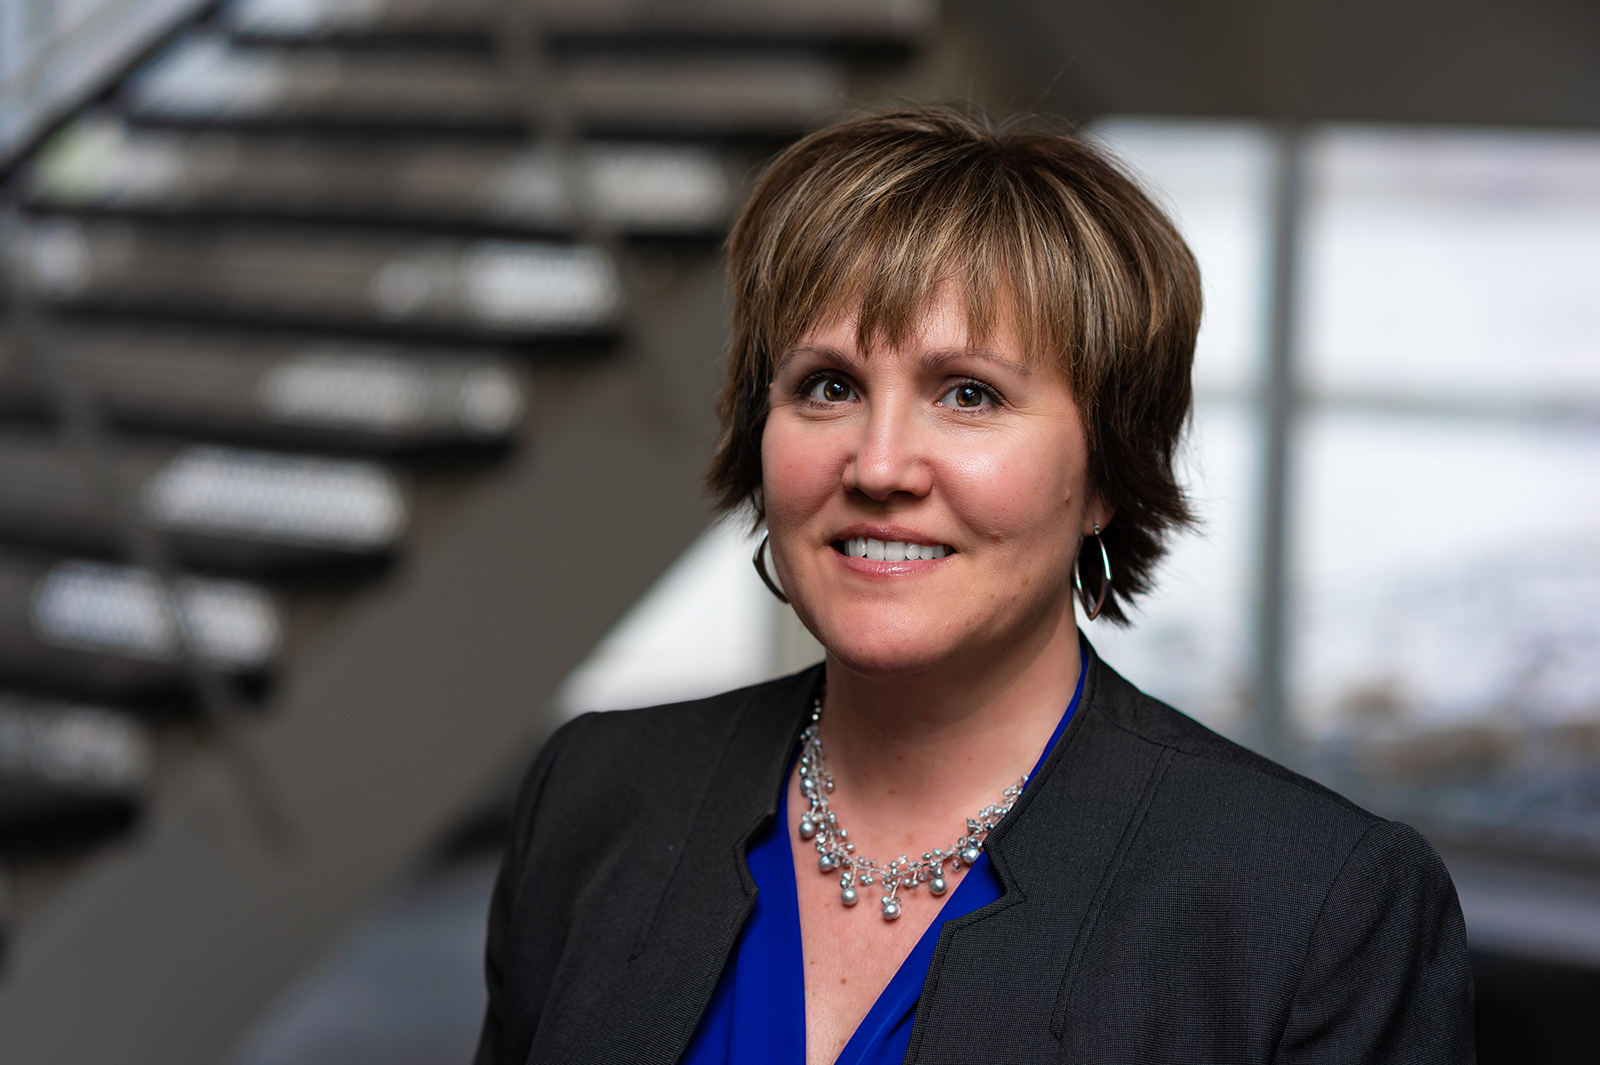 Tracy Burkhart